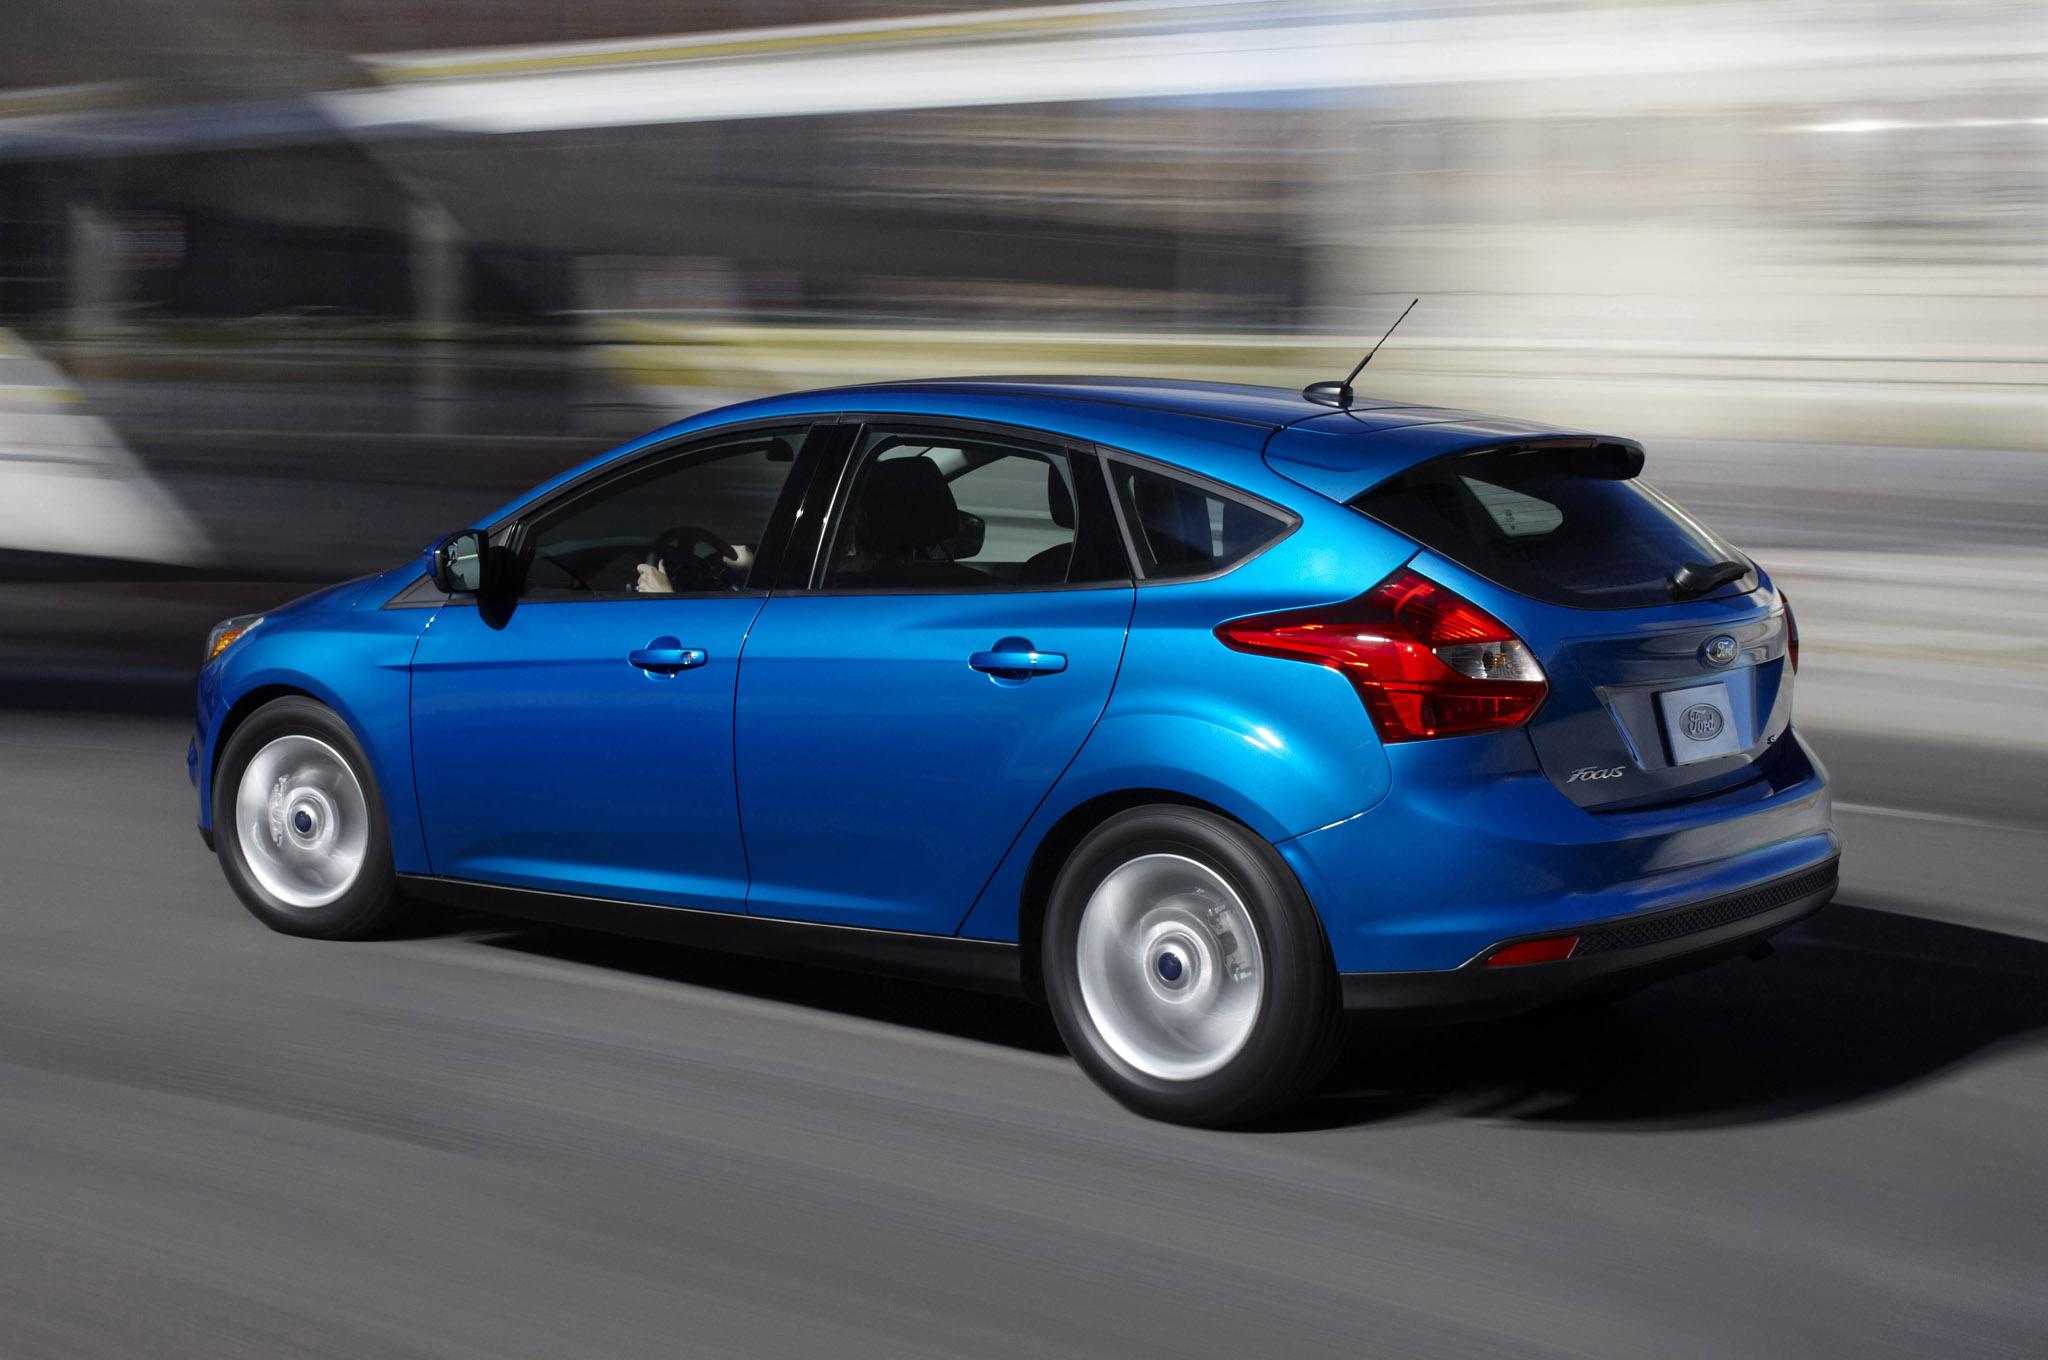 Форд фокус 2014 фото